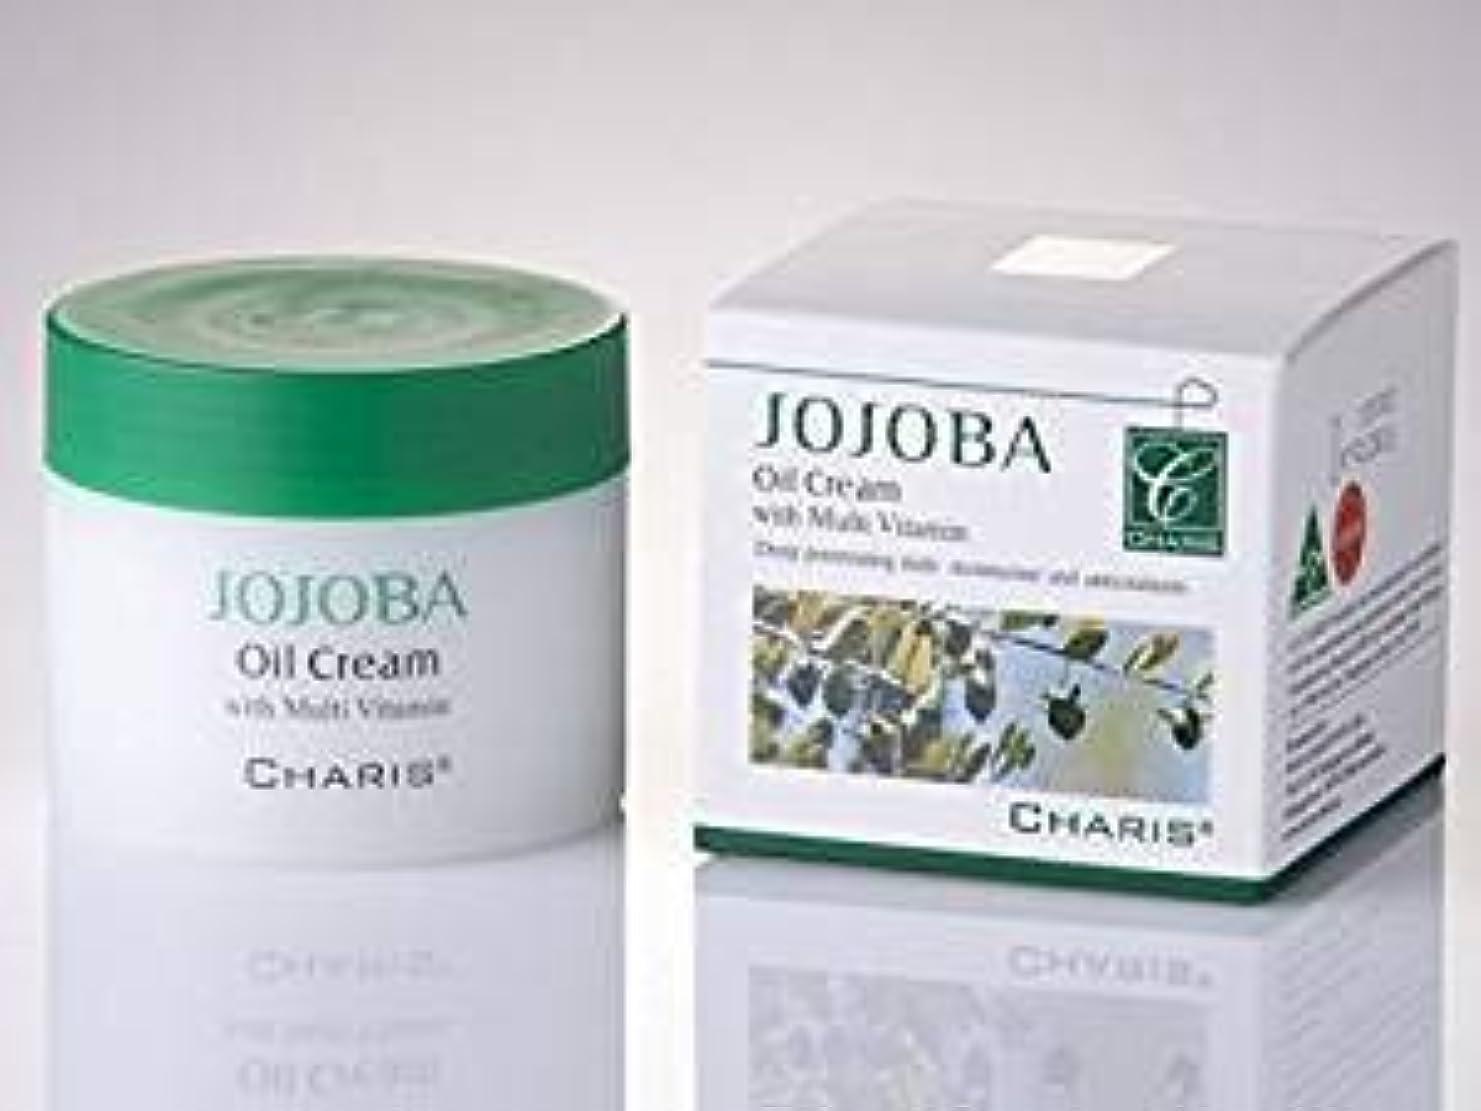 疫病ピボット用量【charis】【ホホバオイル配合保湿クリーム】ホホバオイル&マルチビタミン配合 高機能クリーム